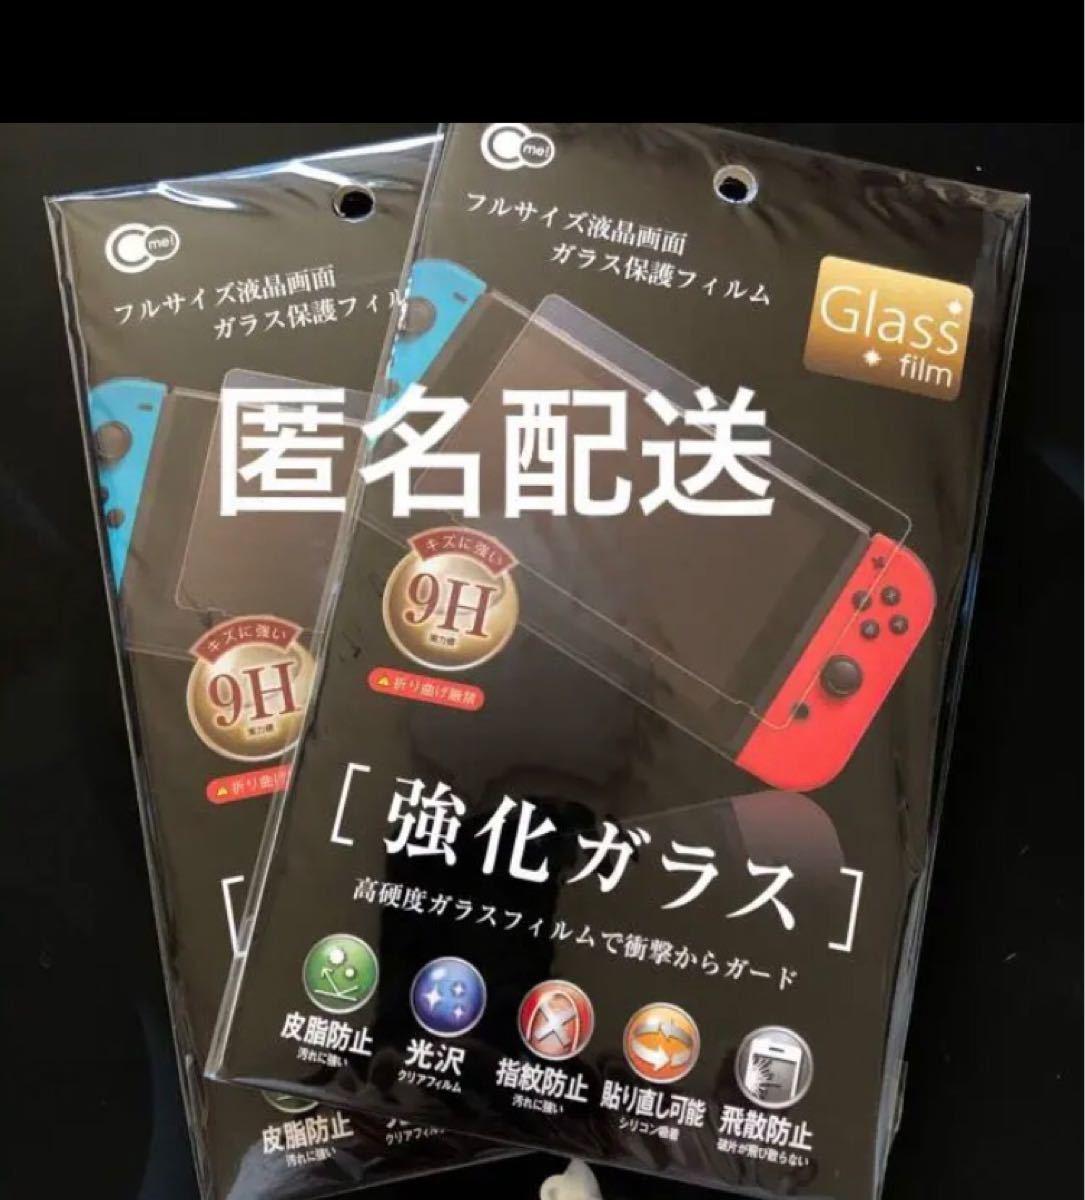 ニンテンドー Switch スイッチ 強化ガラス 保護フィルム